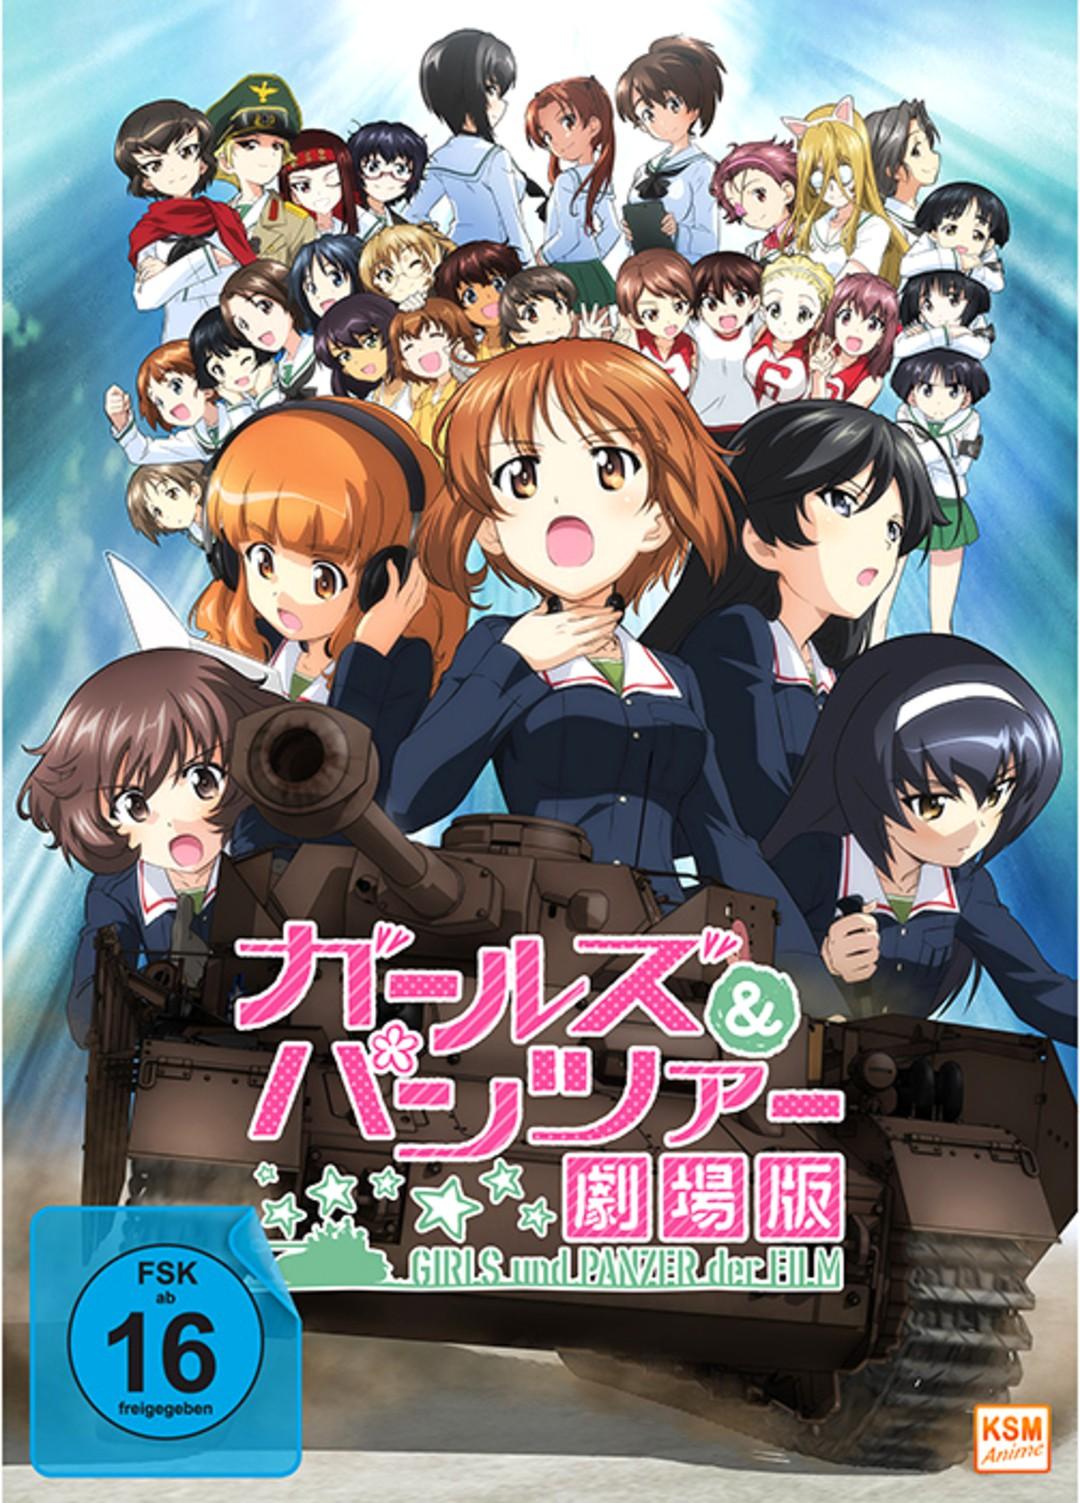 Girls Und Panzer der Film ab März auf Blu-ray und DVD - Bild 1 von 4